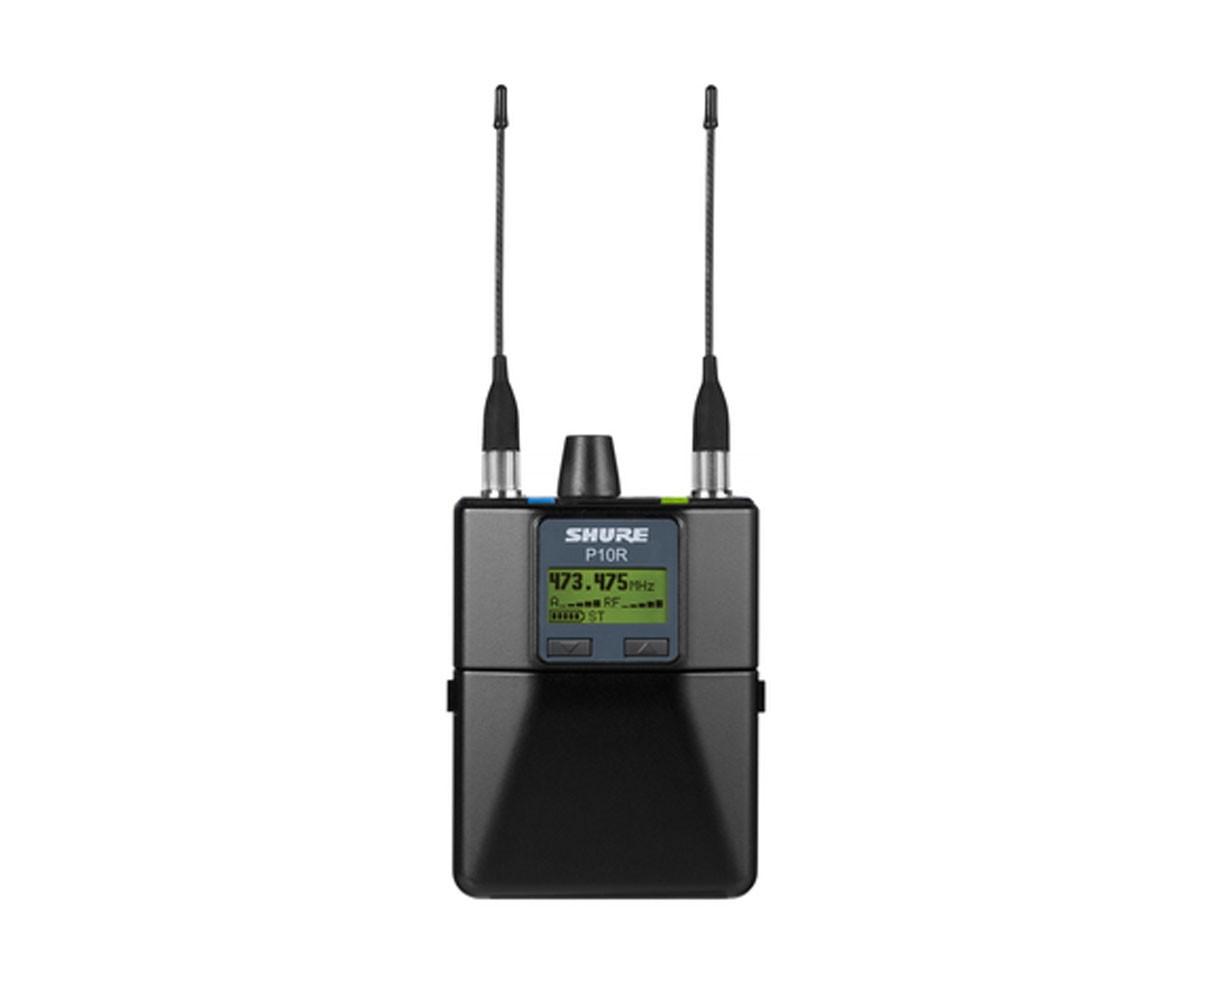 Shure P10R (Band G10)